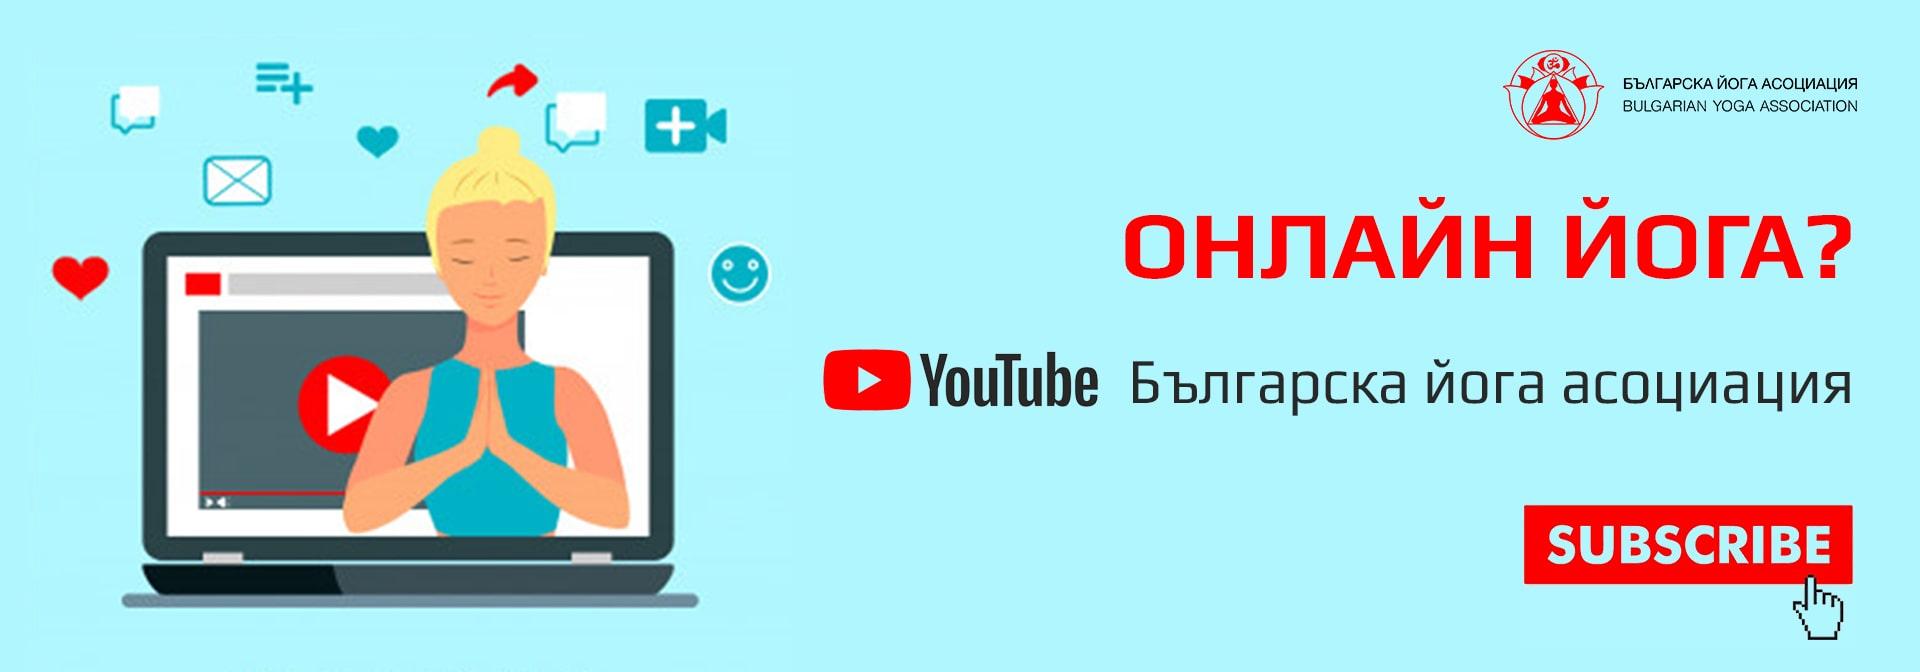 Българска йога асоциация Youtube